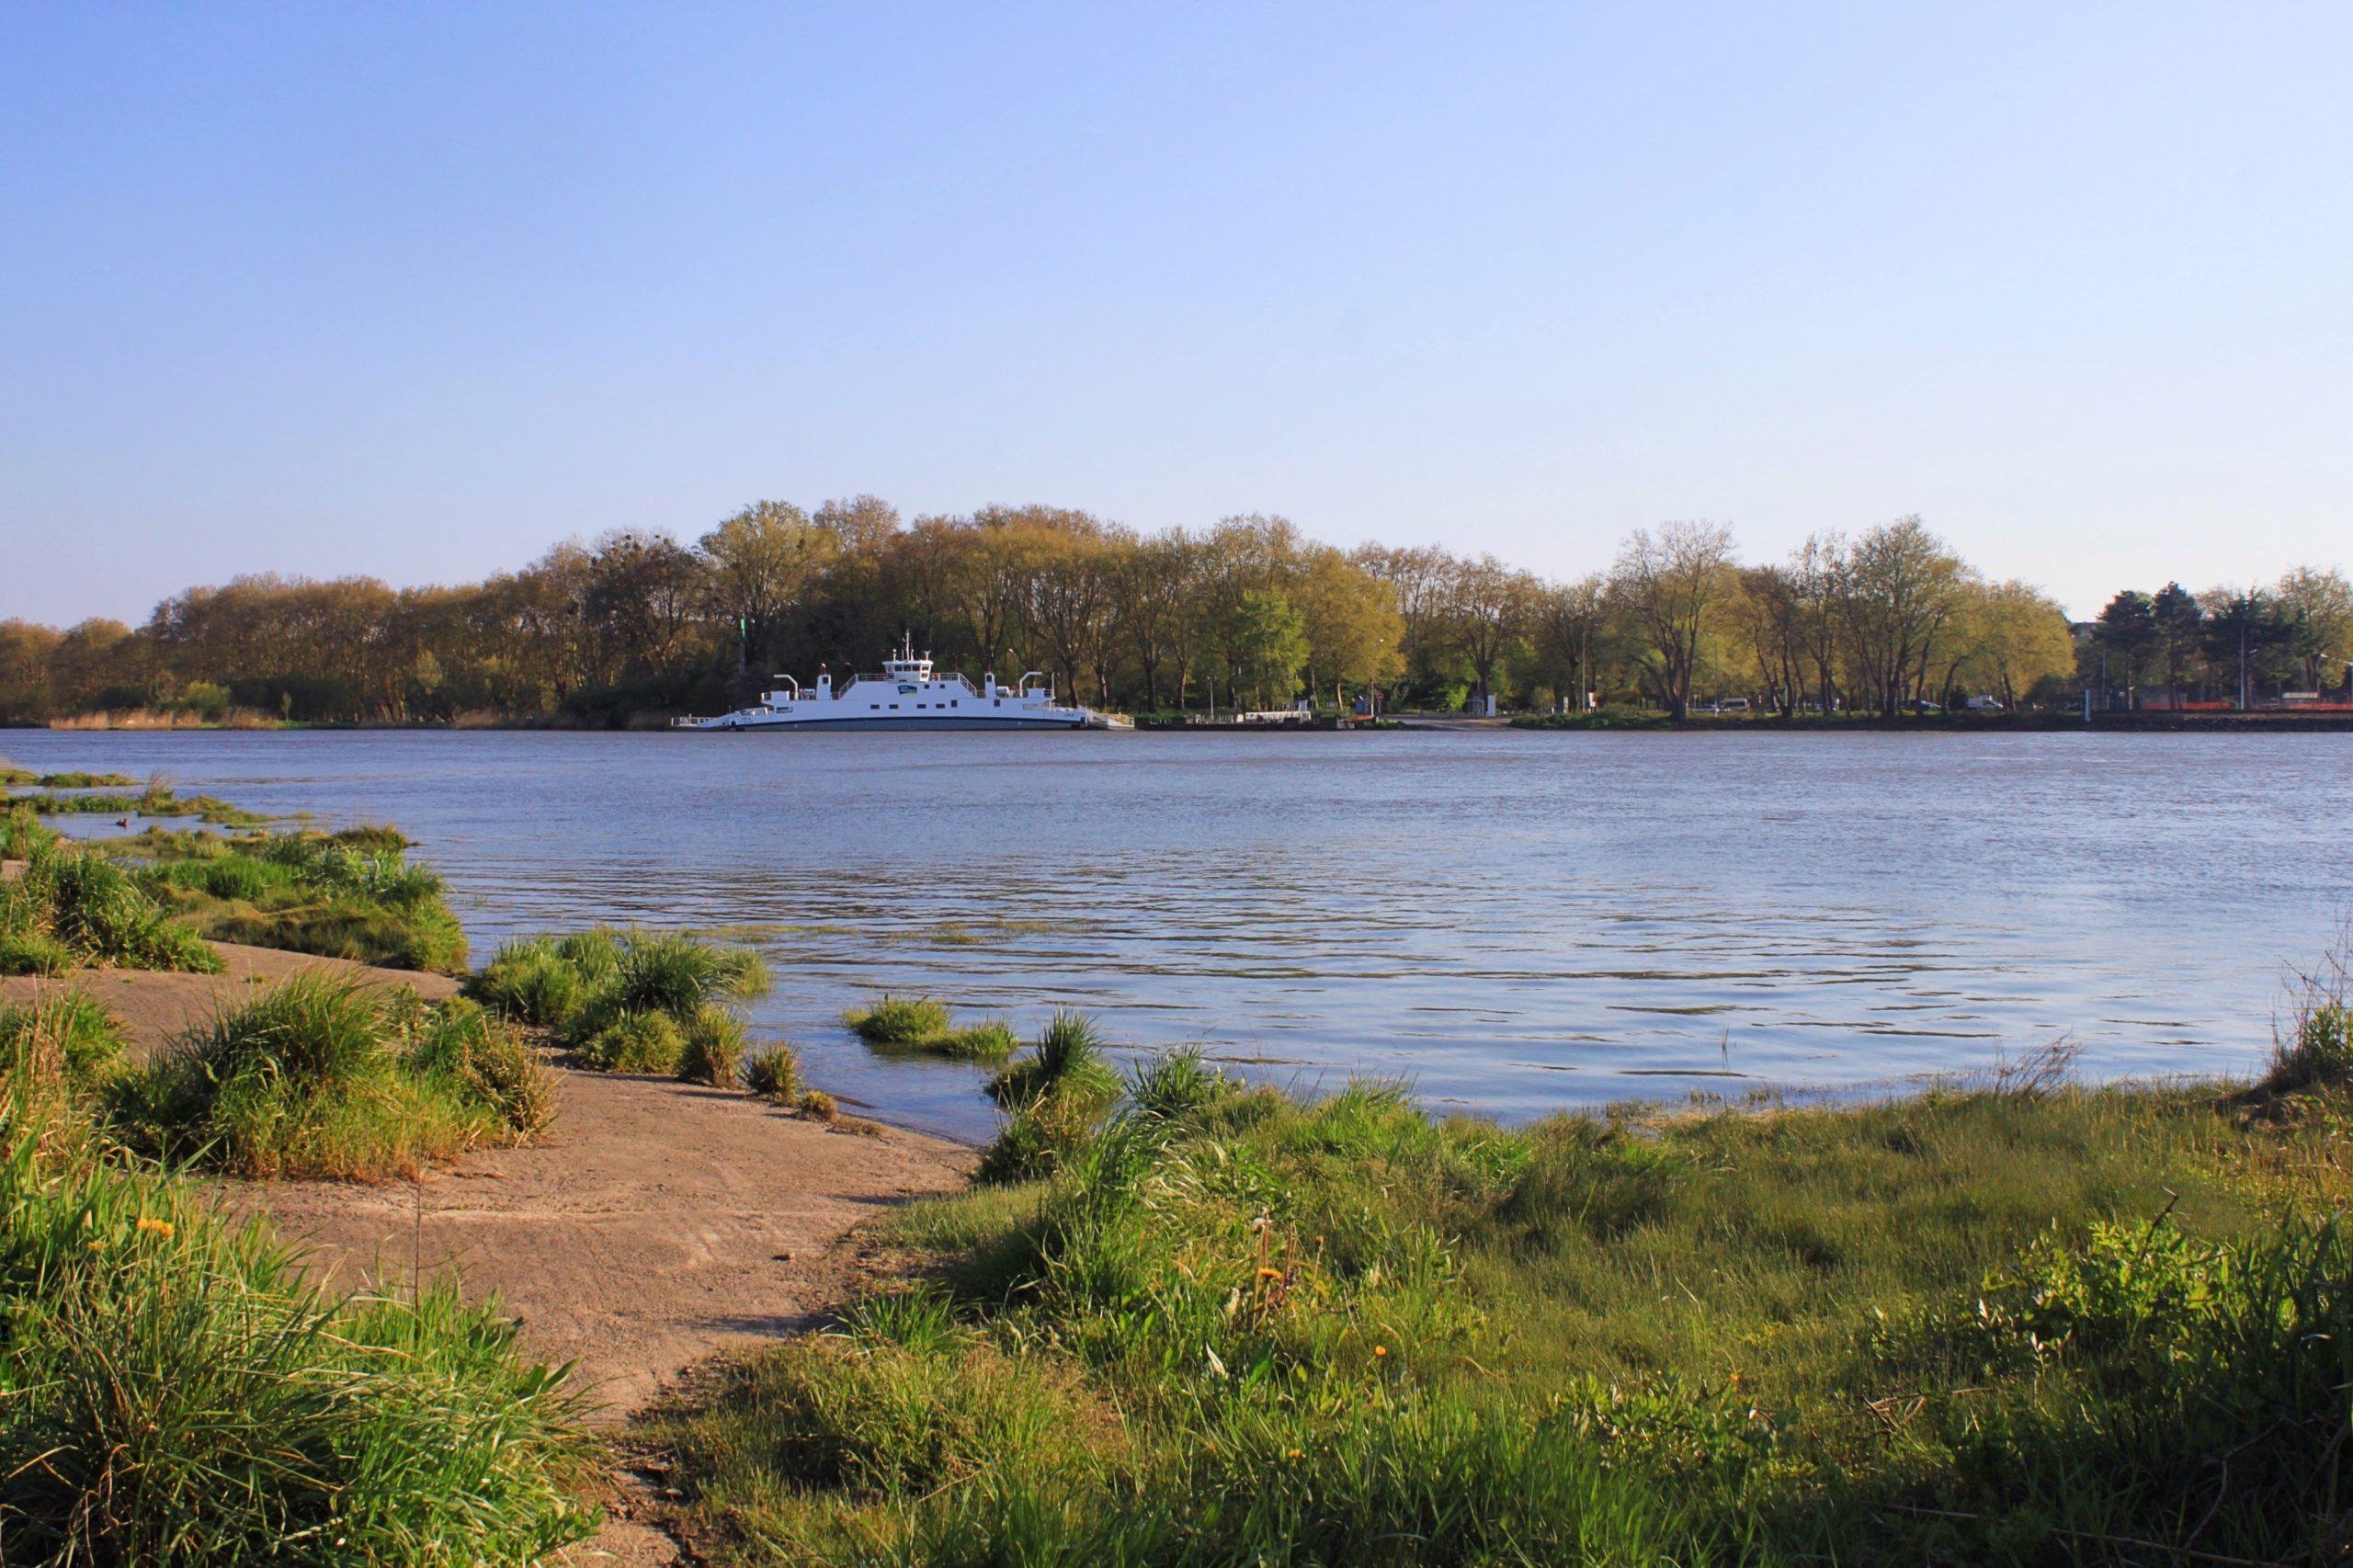 Découvrir l'estuaire de la Loire : Basse-Indre, ses couleurs vives et sa douceur de vivre